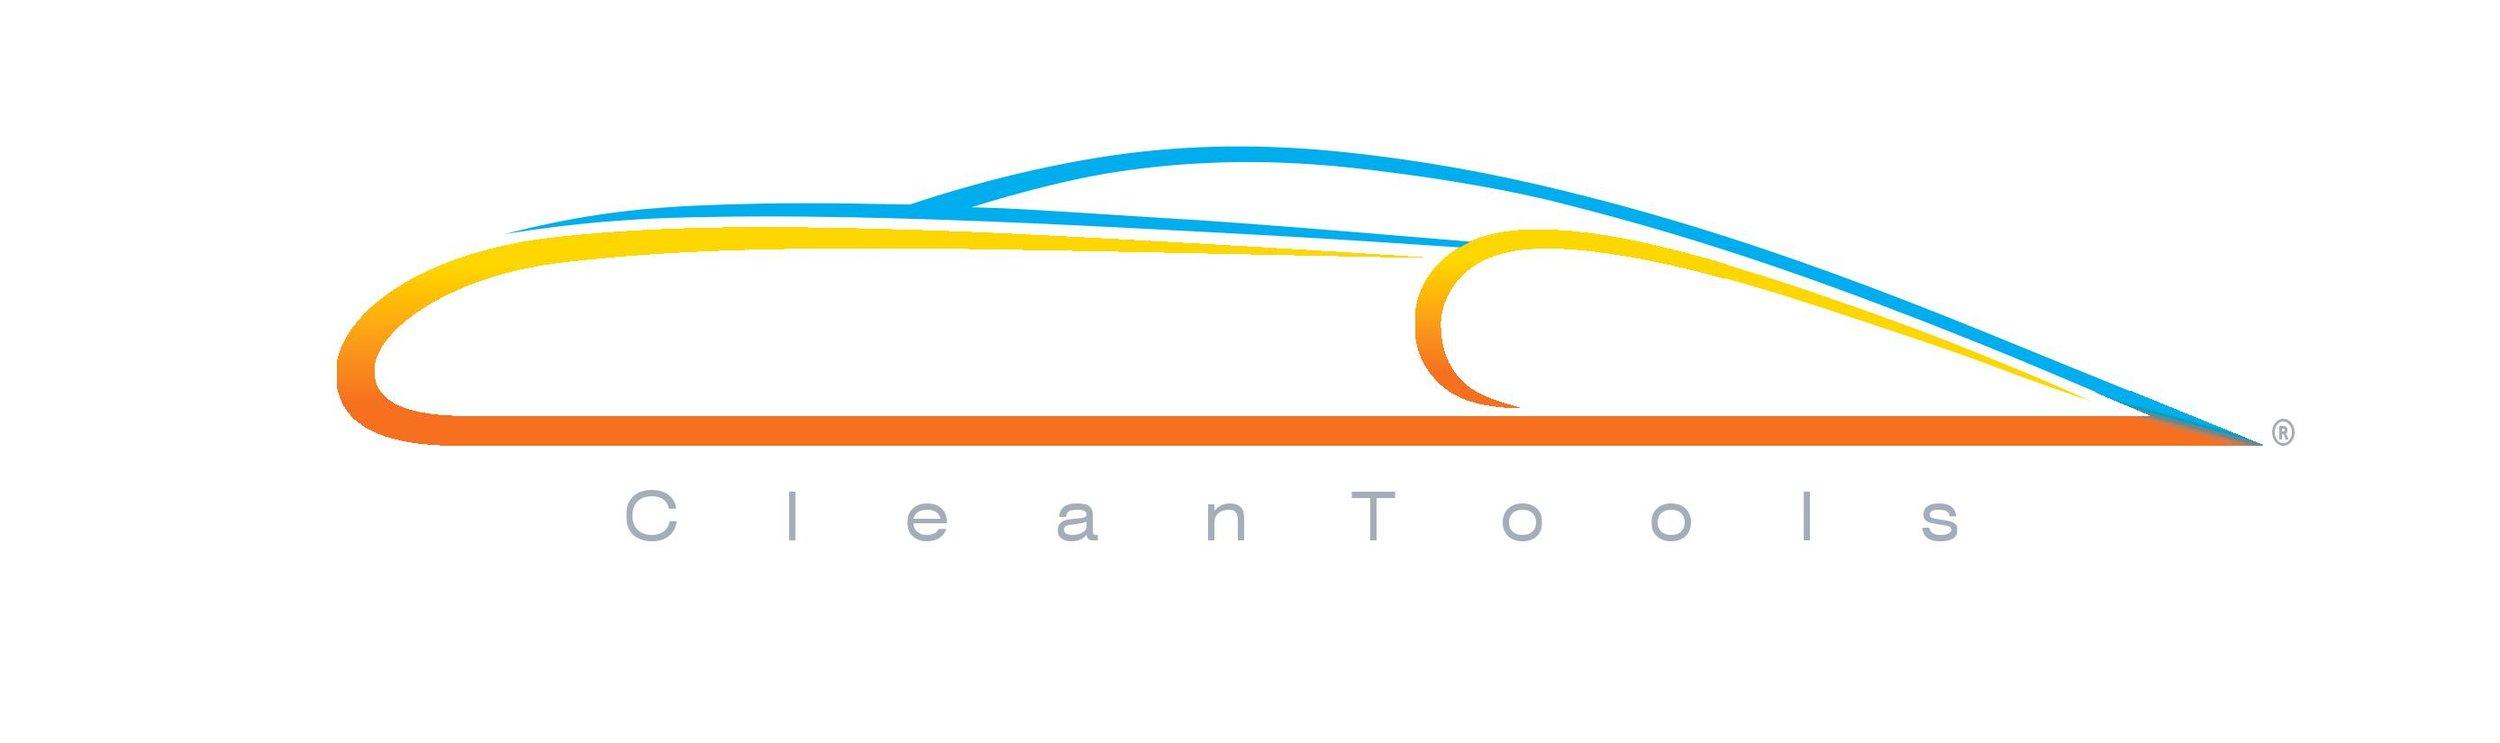 clean-tools-logo.jpg